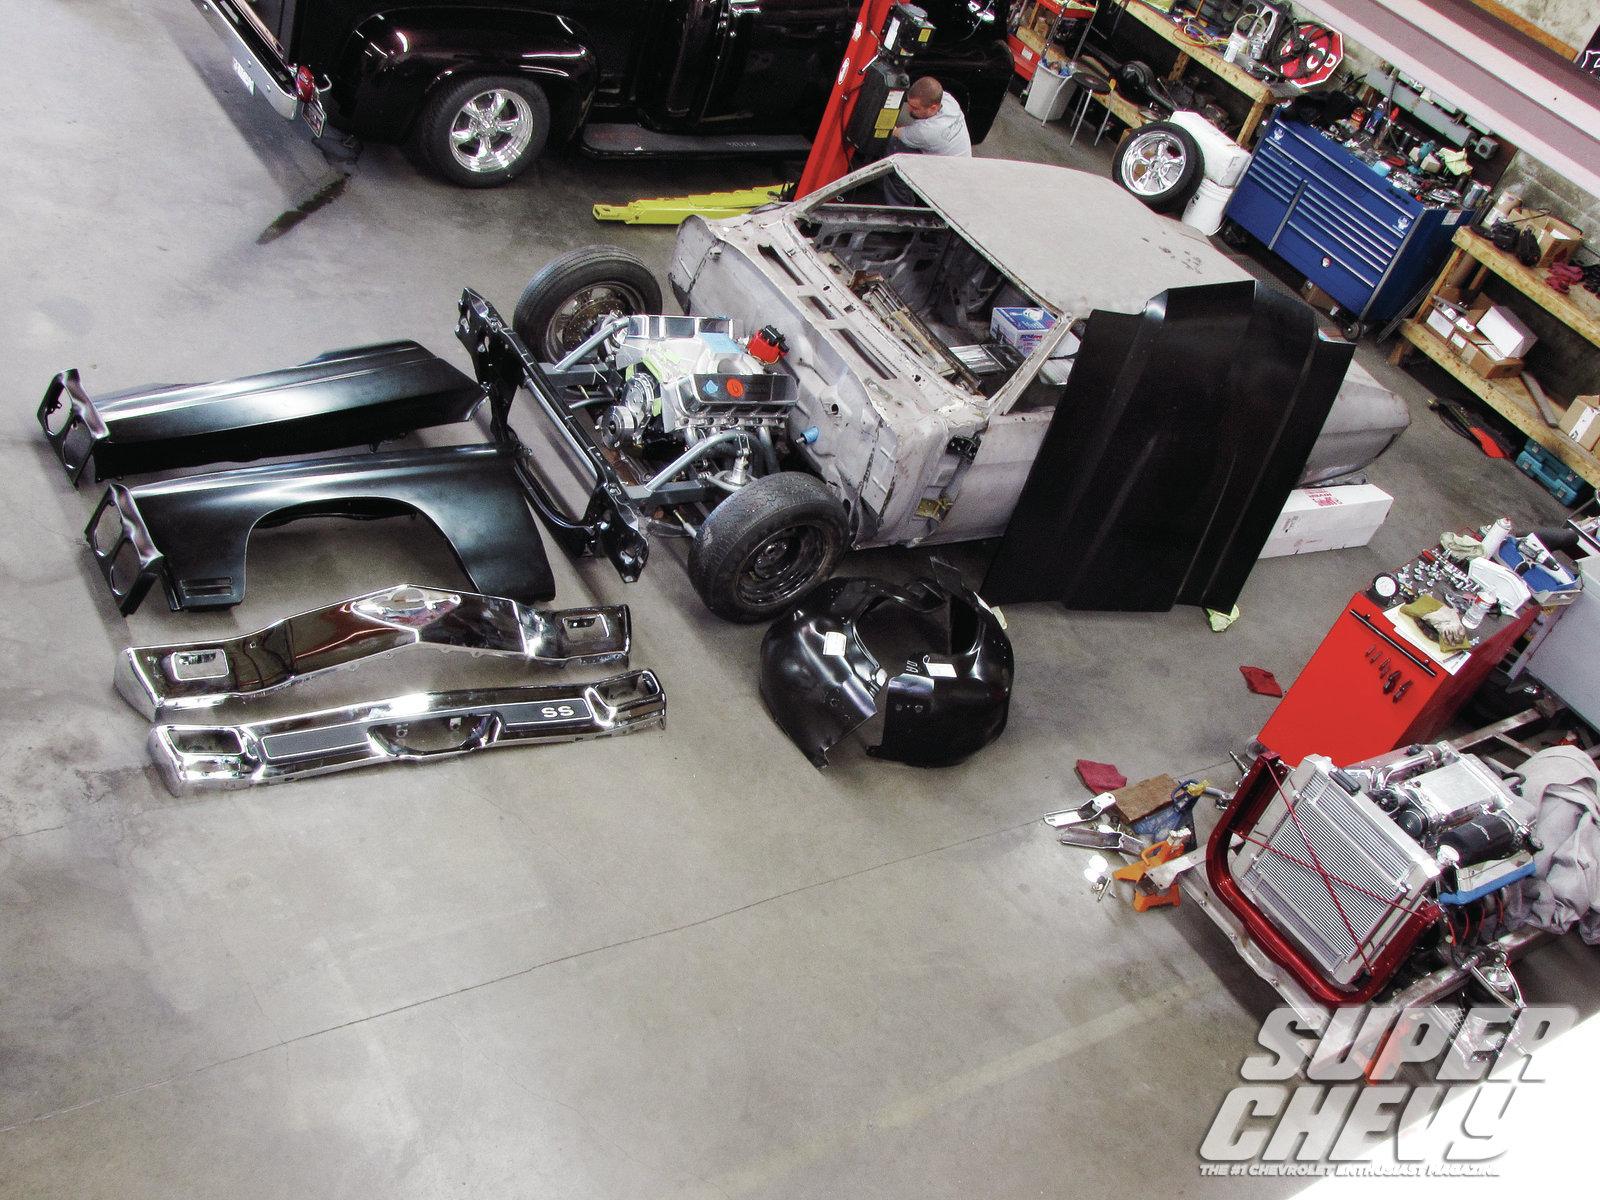 El Camino 1970-72 Chevrolet Chevelle Malibu Rear Brake Rebuild Kit